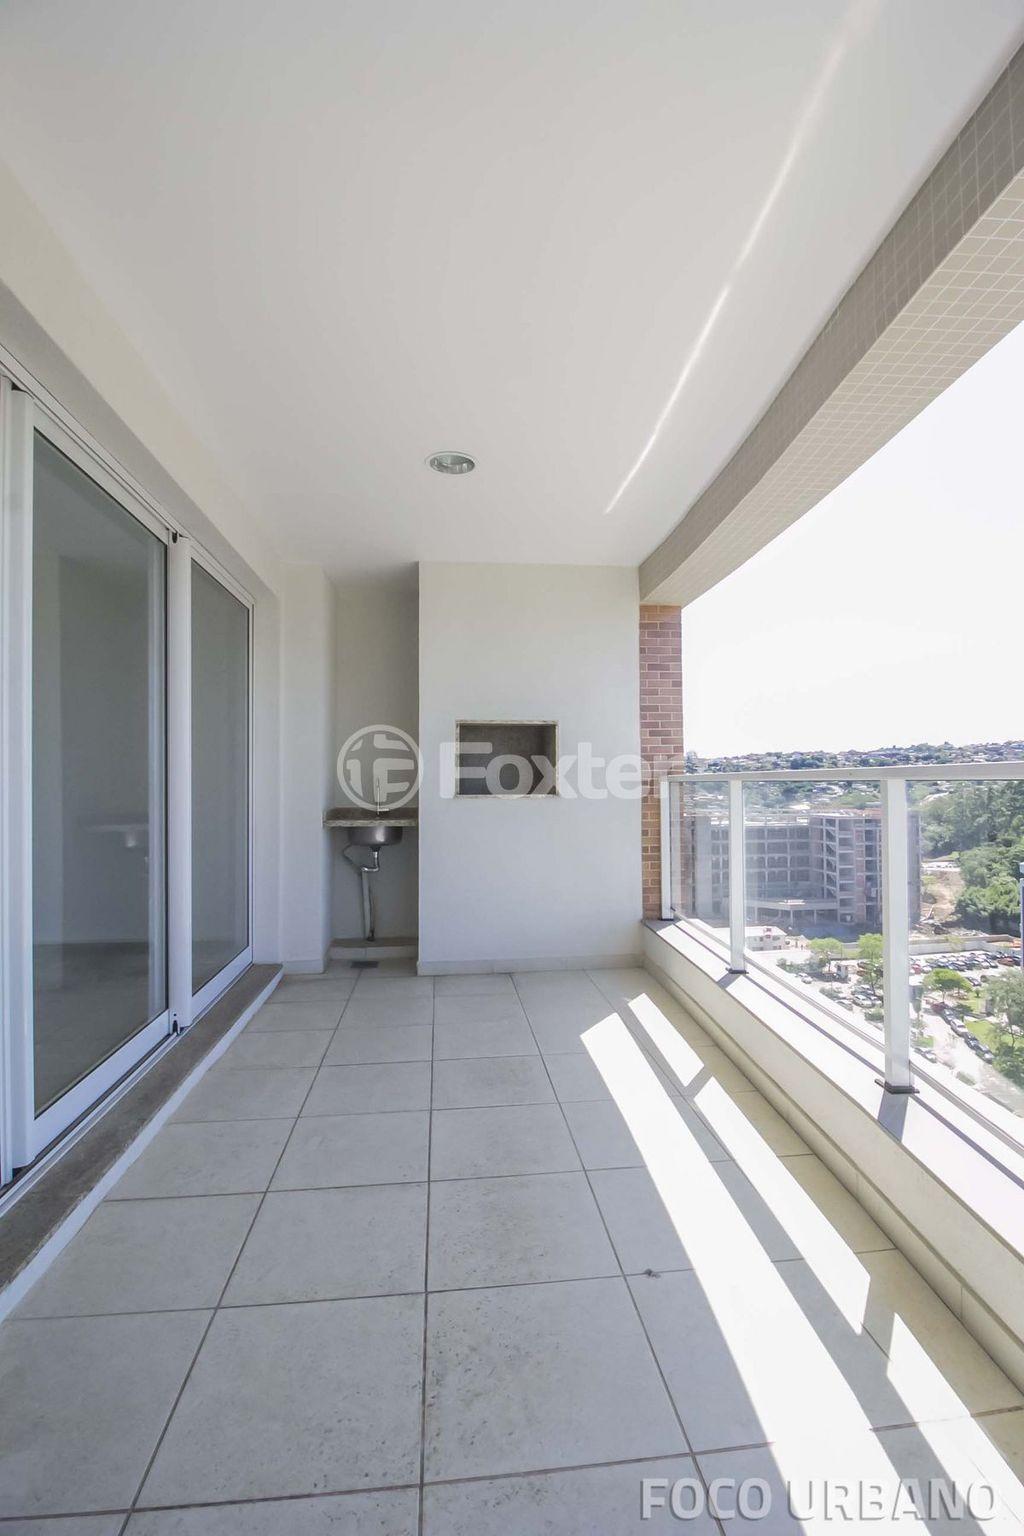 Foxter Imobiliária - Apto 3 Dorm, Jardim do Salso - Foto 13